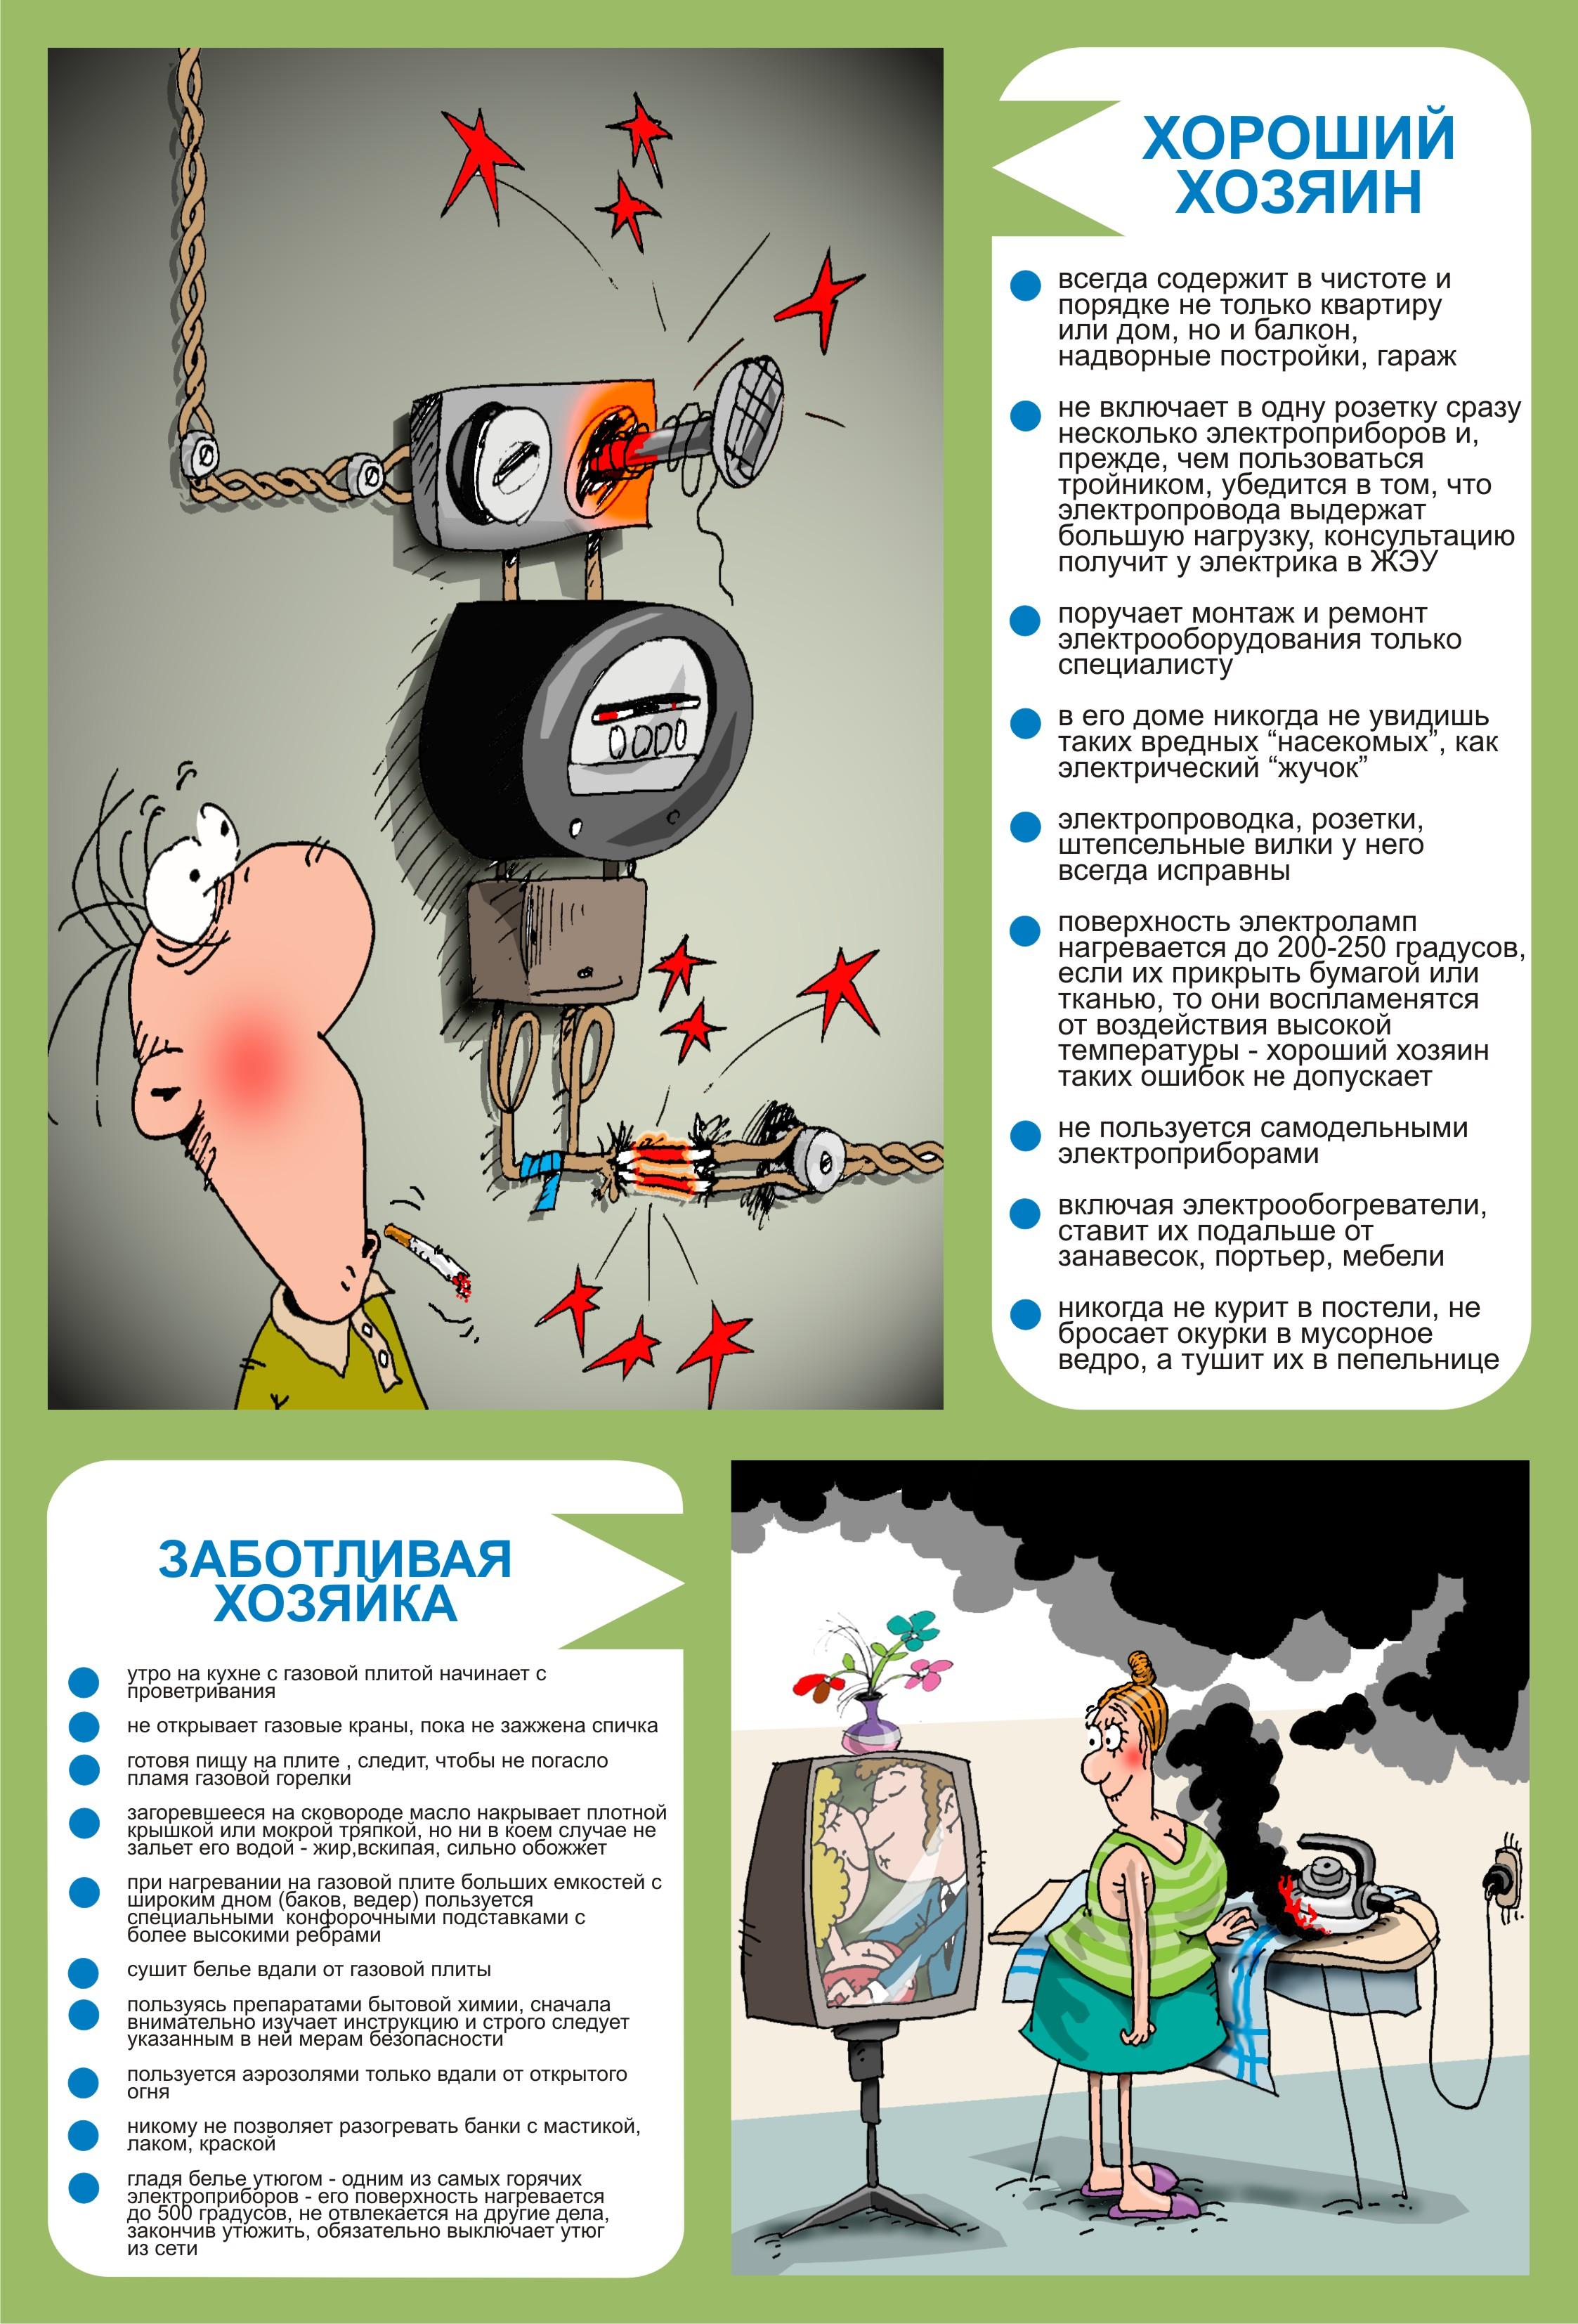 автоматическое дистанционное и местное управление установками пожаротушения